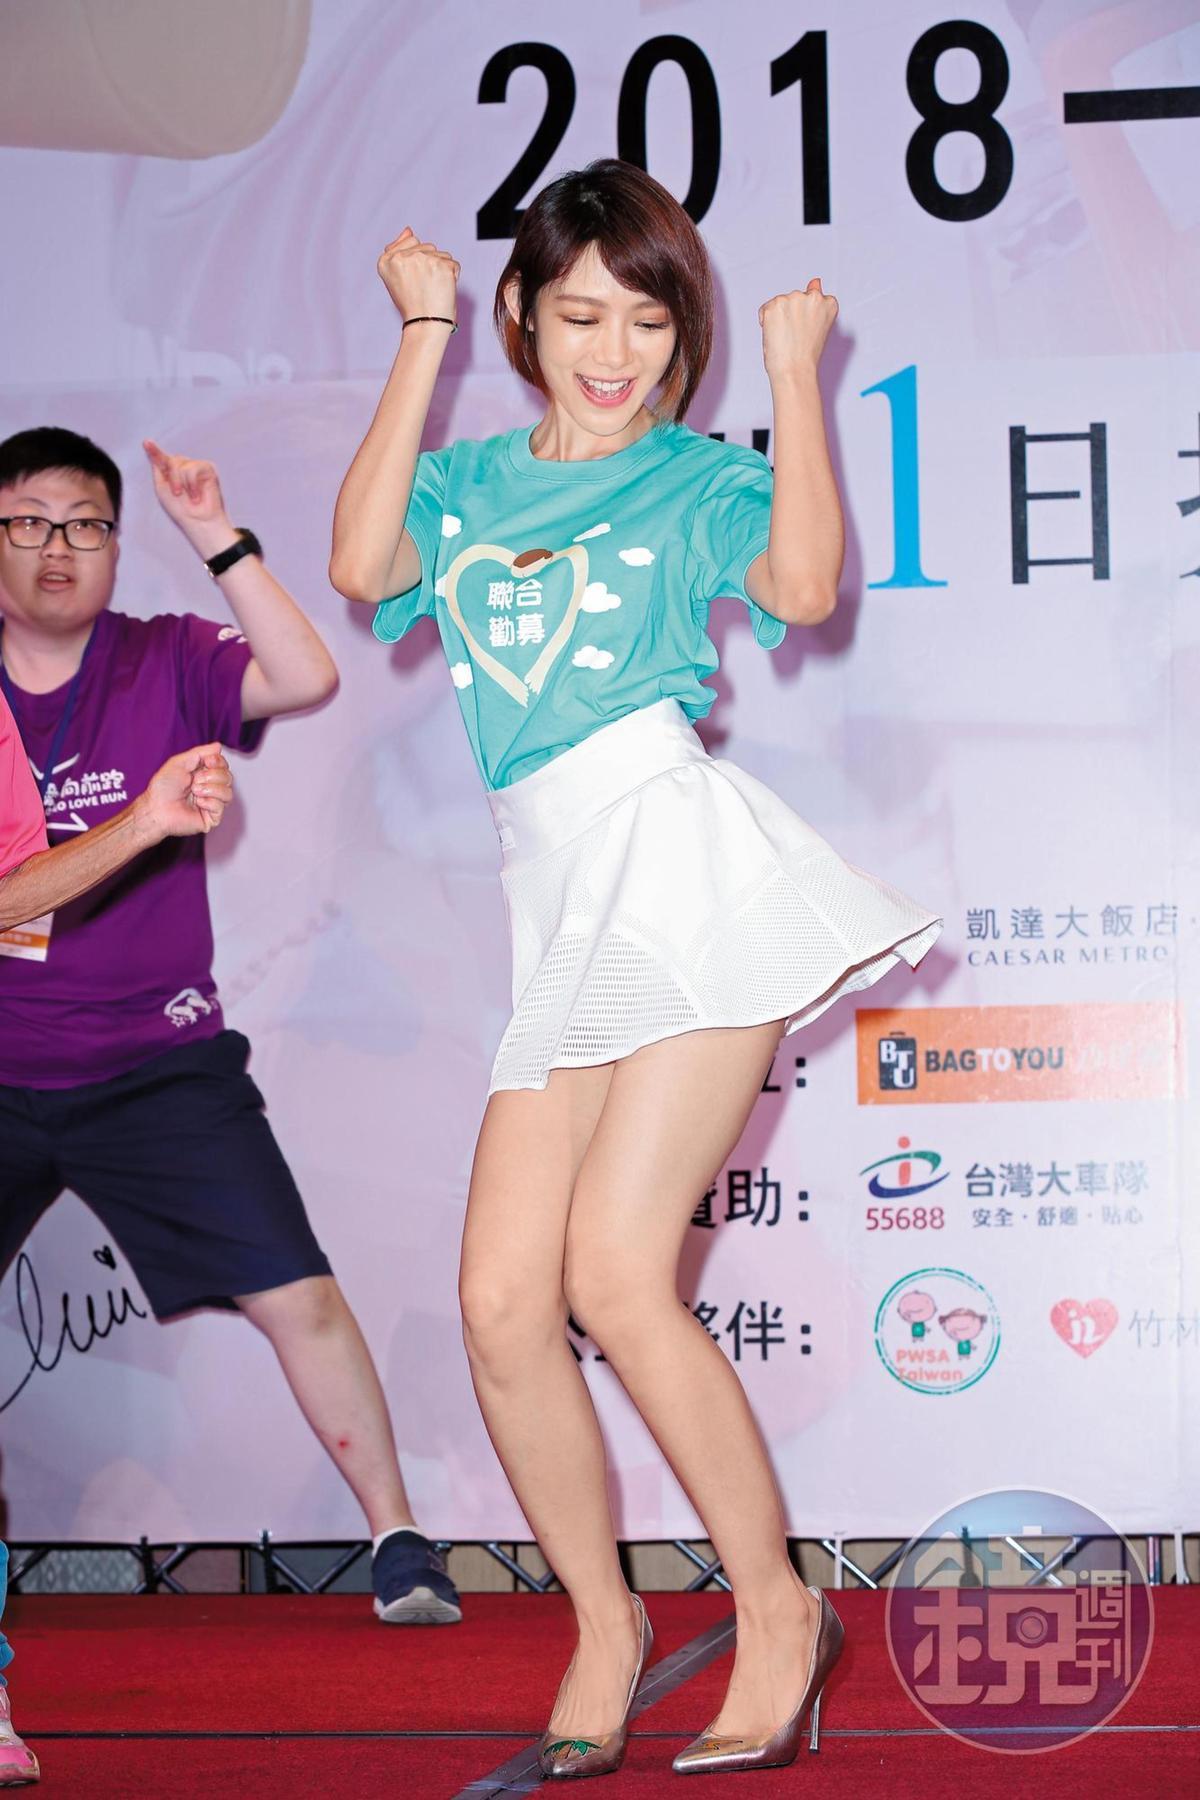 按照林明禎的算法,她已經「失戀六十七天」,但她不只心慌手顫,還滿口胡言,不過裙襬仍搖得用力。